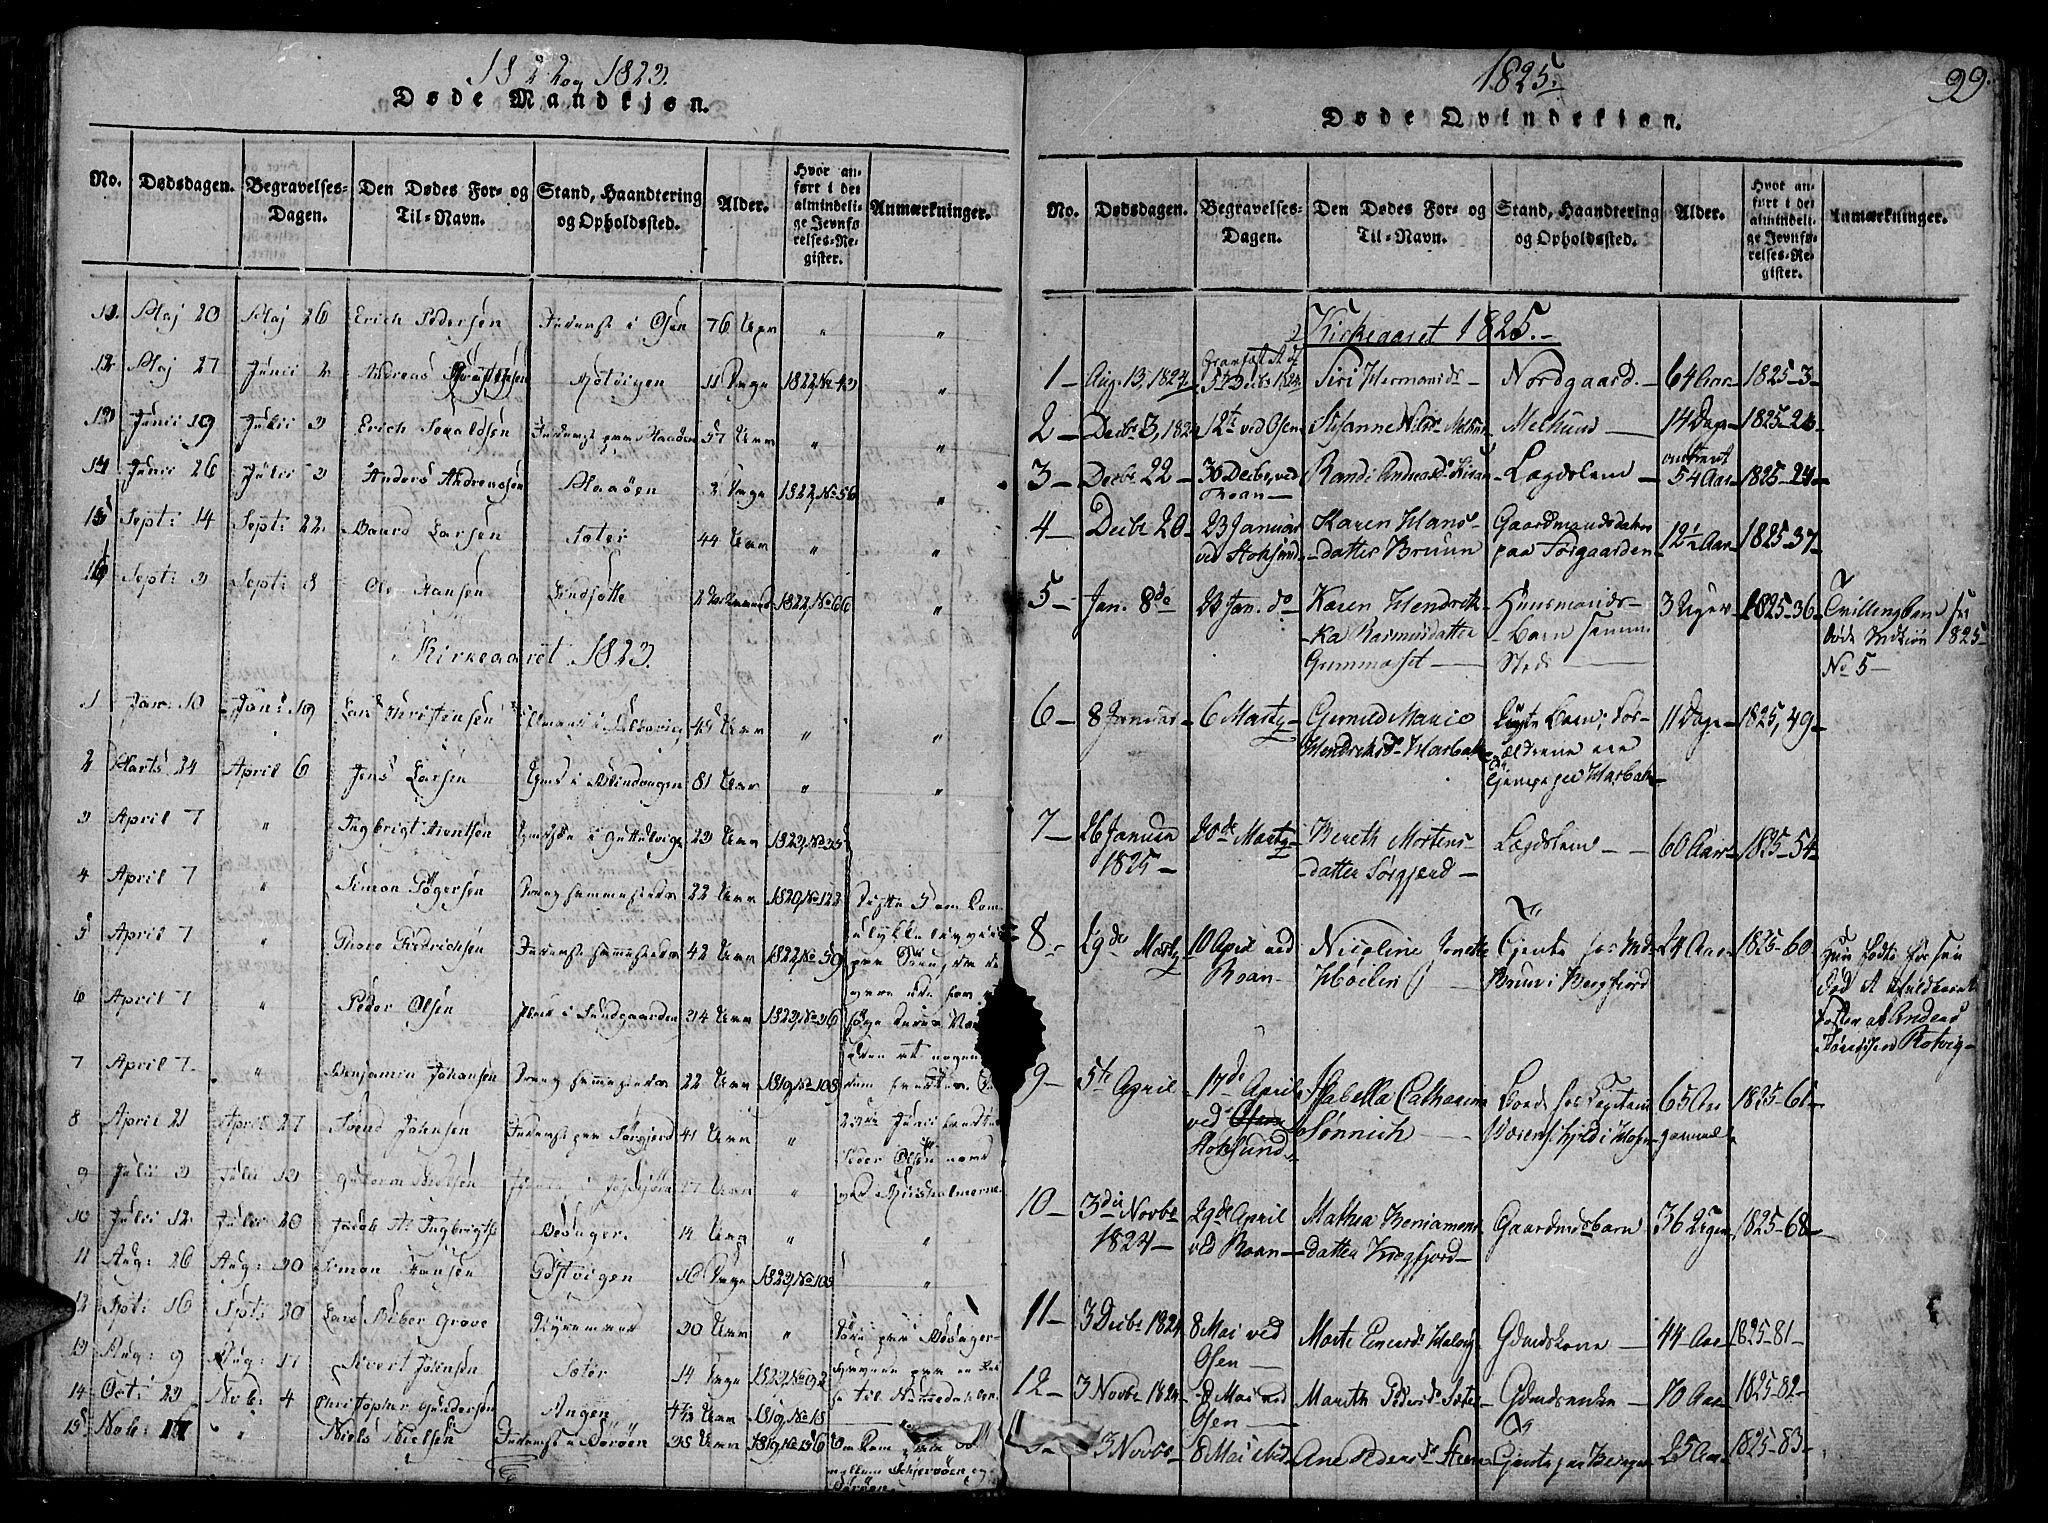 SAT, Ministerialprotokoller, klokkerbøker og fødselsregistre - Sør-Trøndelag, 657/L0702: Ministerialbok nr. 657A03, 1818-1831, s. 99